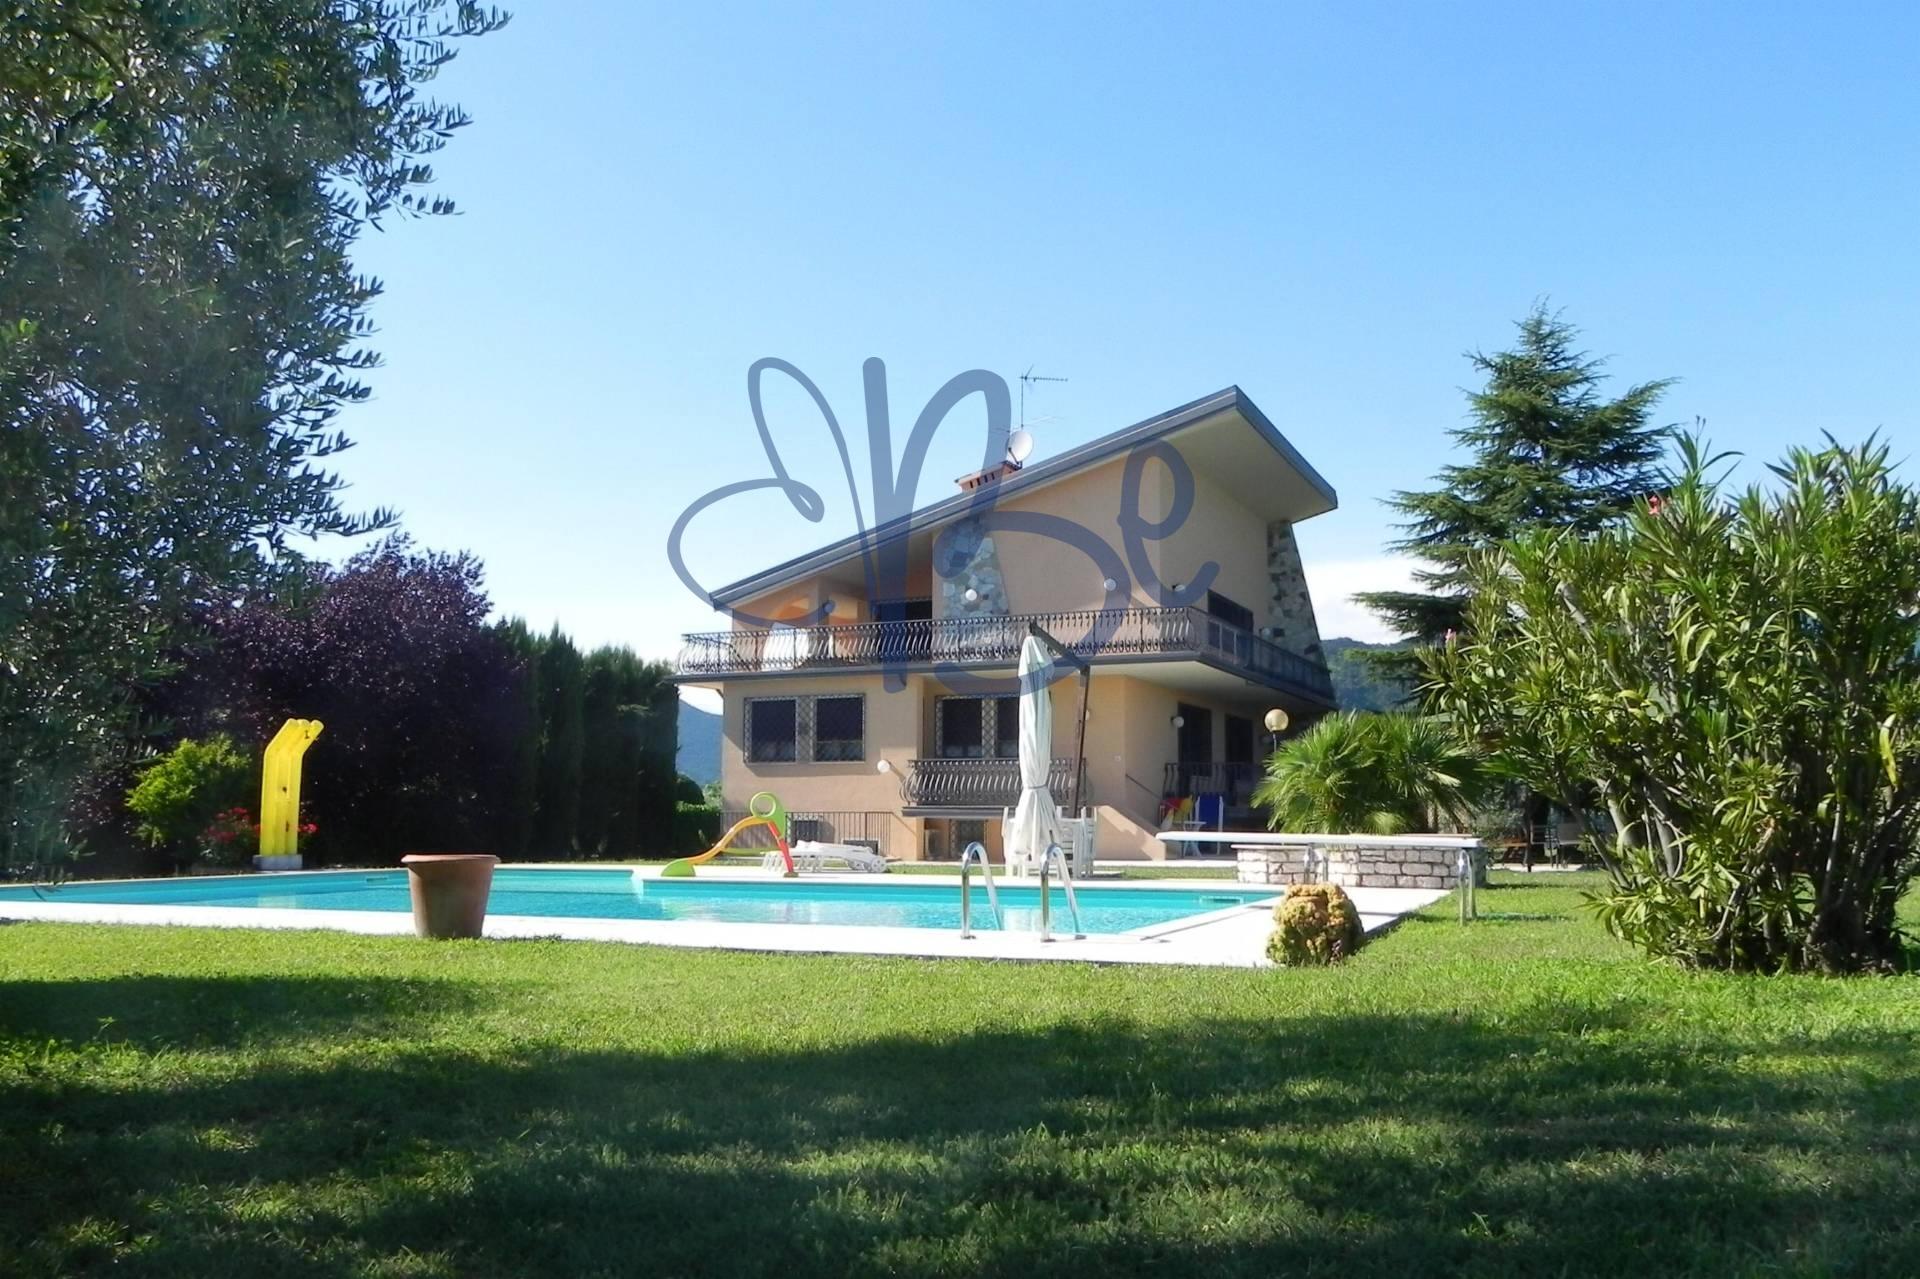 Villa in vendita a San Felice del Benaco, 8 locali, prezzo € 900.000 | Cambio Casa.it